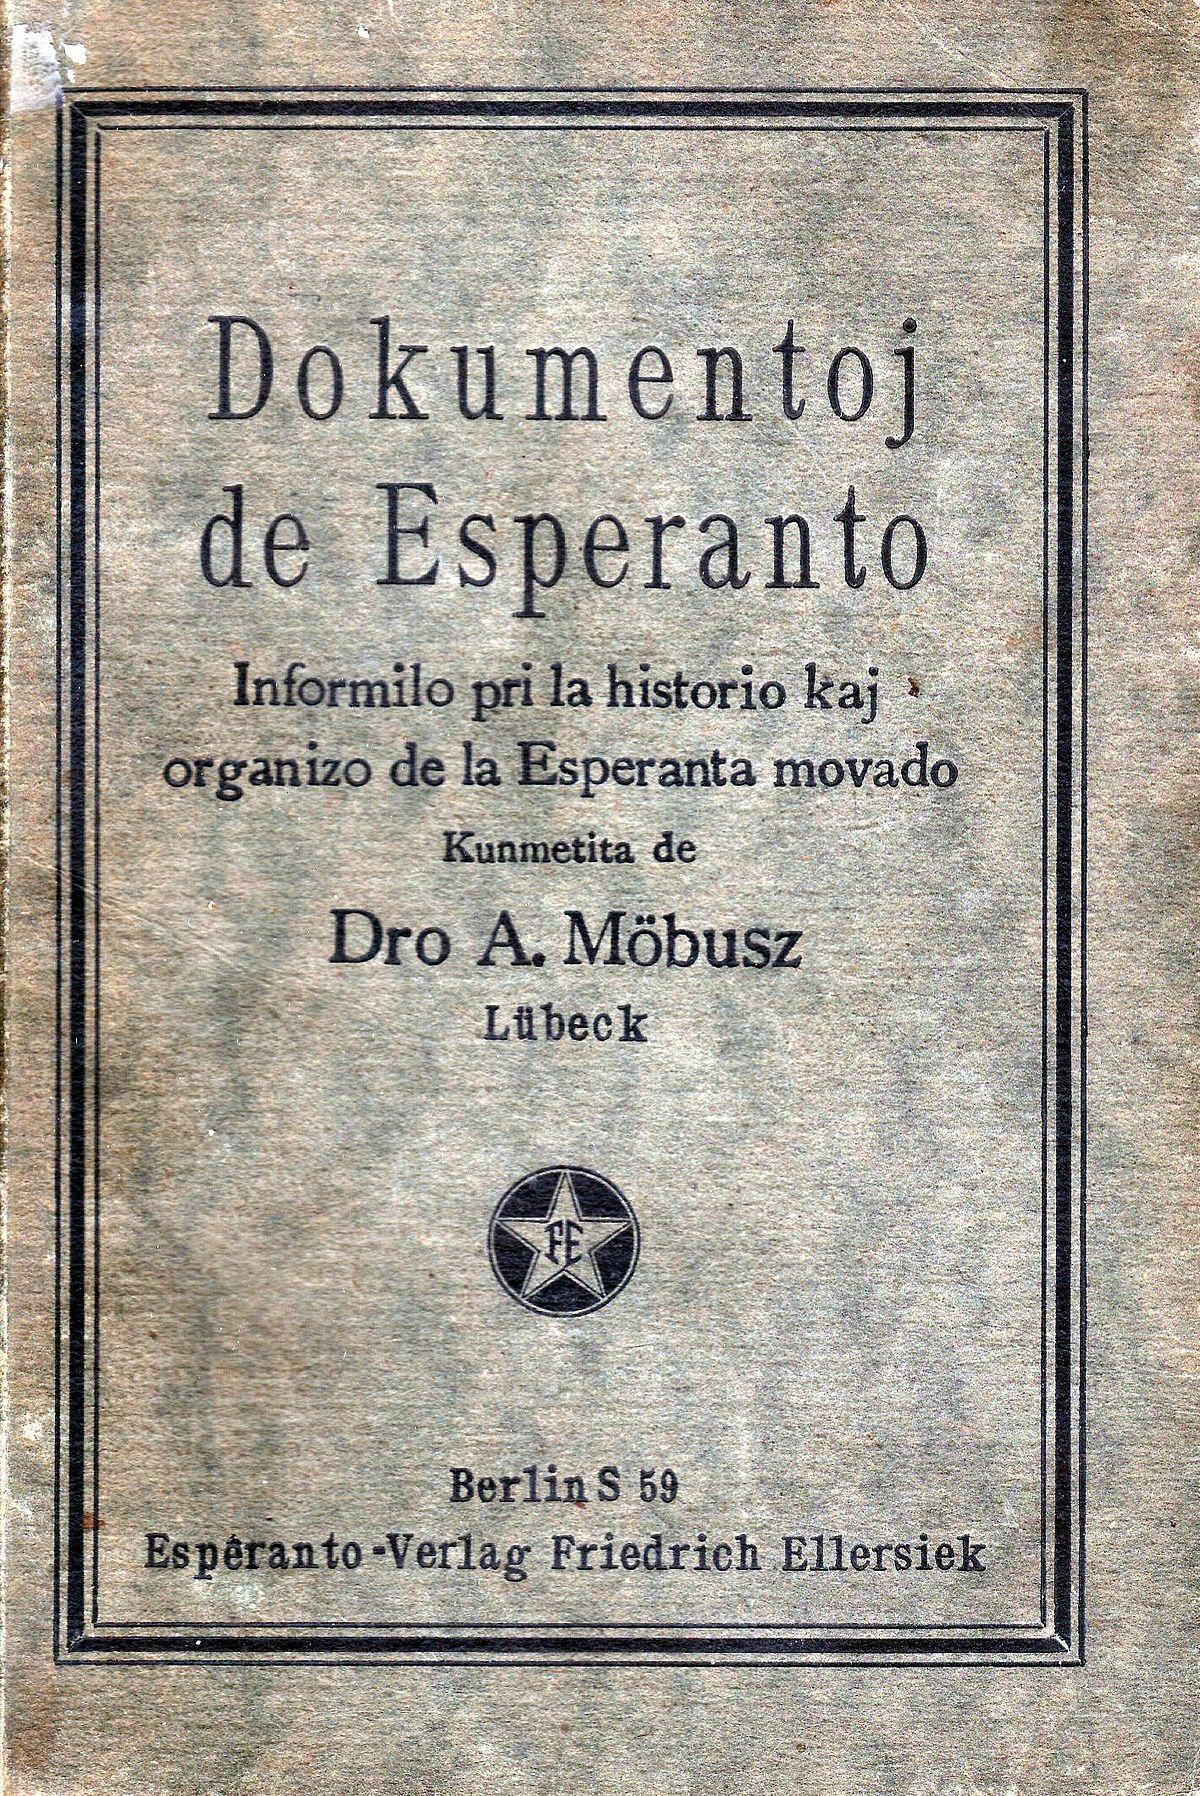 dokumentoj de esperanto vikipedio